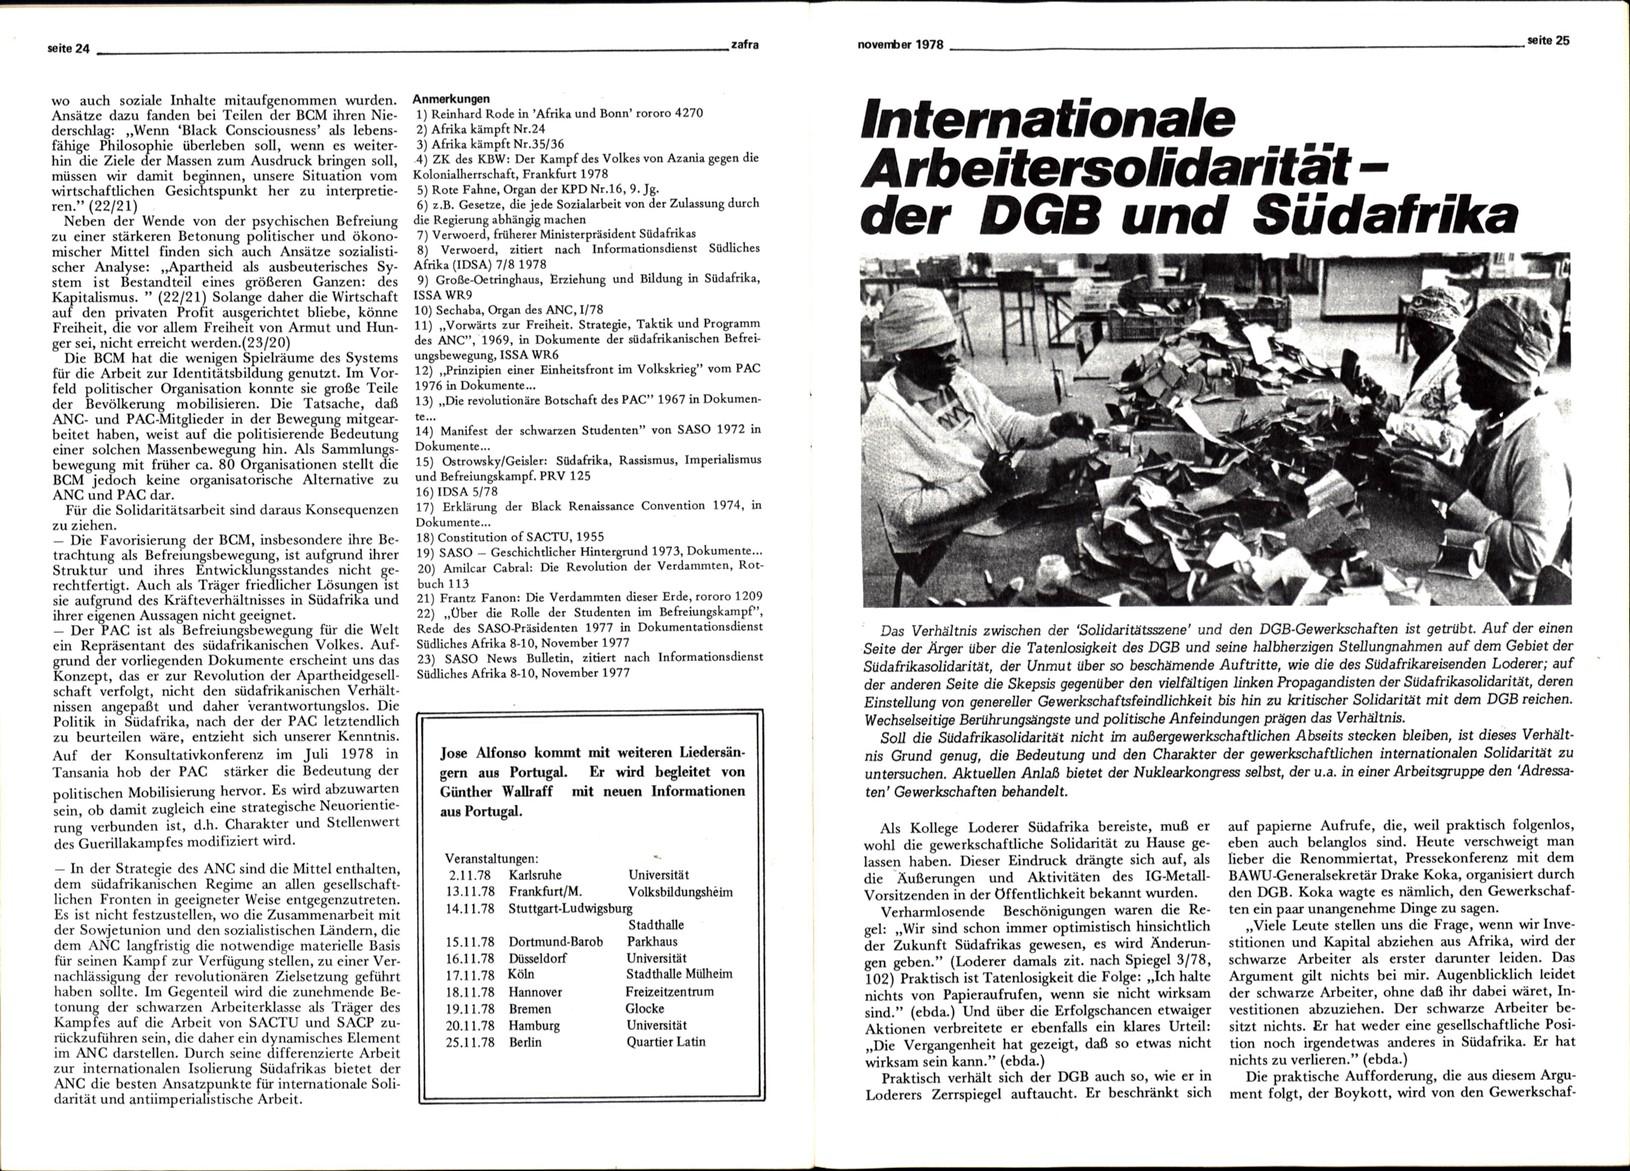 Bonn_ZAFRA_06_19781100_13